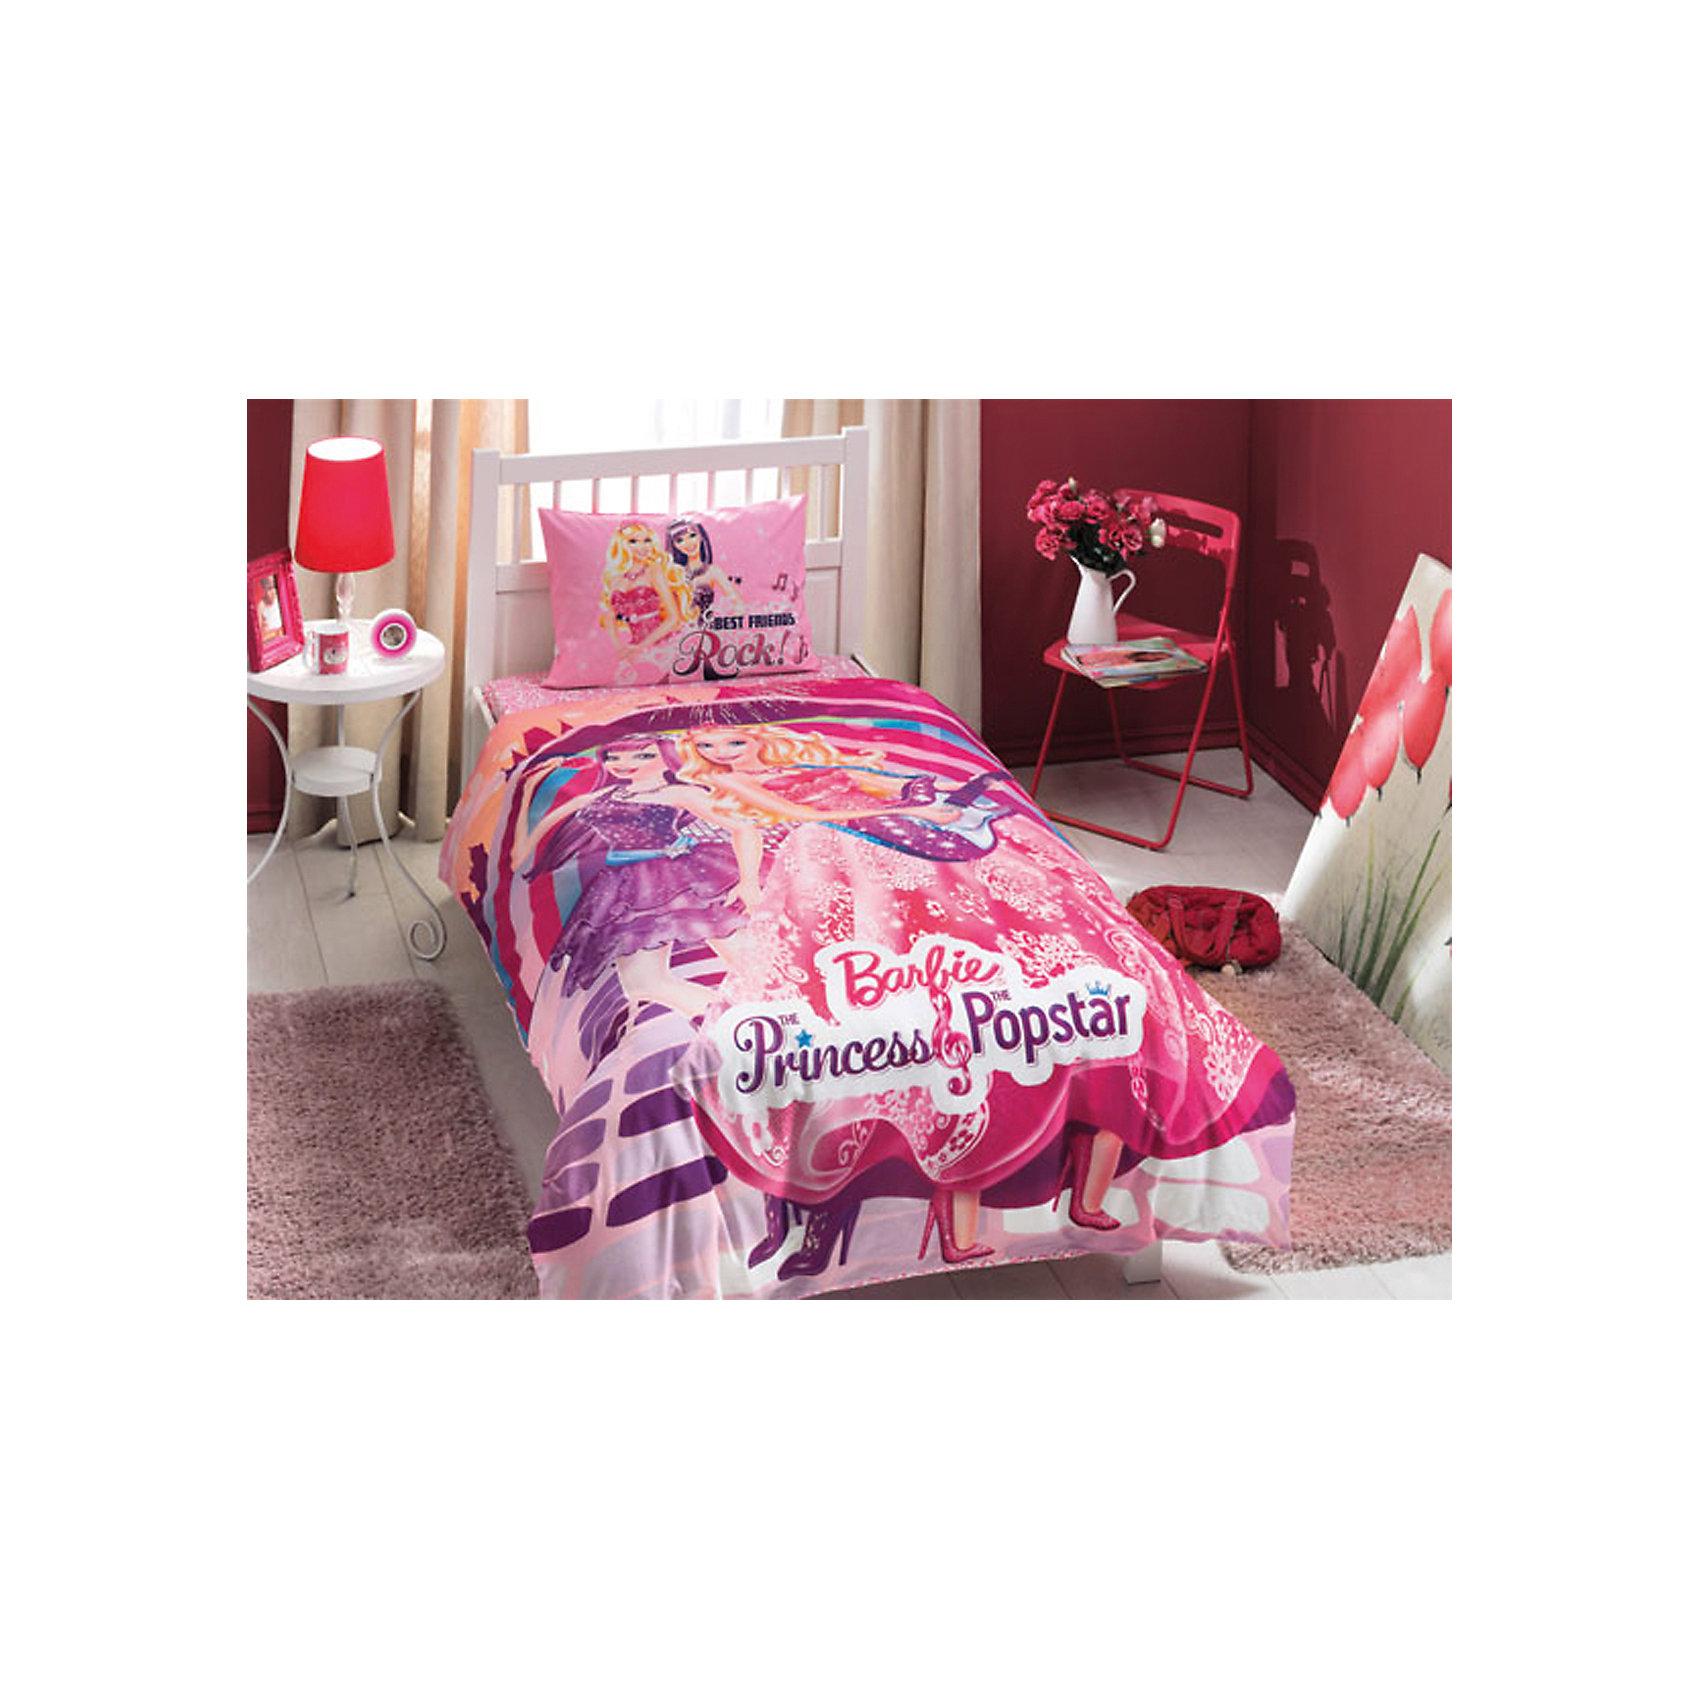 Постельное белье 3 пред. Barbie Princess Popstar, Ranforce/Disney, TACПостельное бельё<br>под.-160*220, прос.-180*260, нав.-50*70 (1 шт)<br><br>Ширина мм: 350<br>Глубина мм: 150<br>Высота мм: 150<br>Вес г: 1300<br>Возраст от месяцев: 36<br>Возраст до месяцев: 144<br>Пол: Женский<br>Возраст: Детский<br>SKU: 6849294